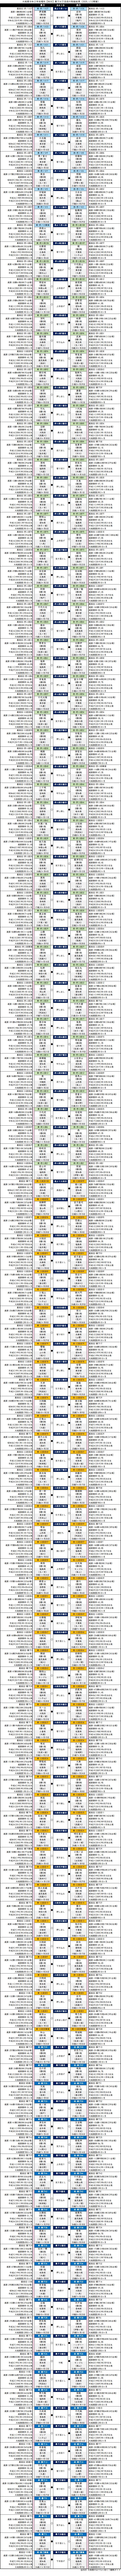 大相撲・2020年1月場所初日・幕下以下の取組結果